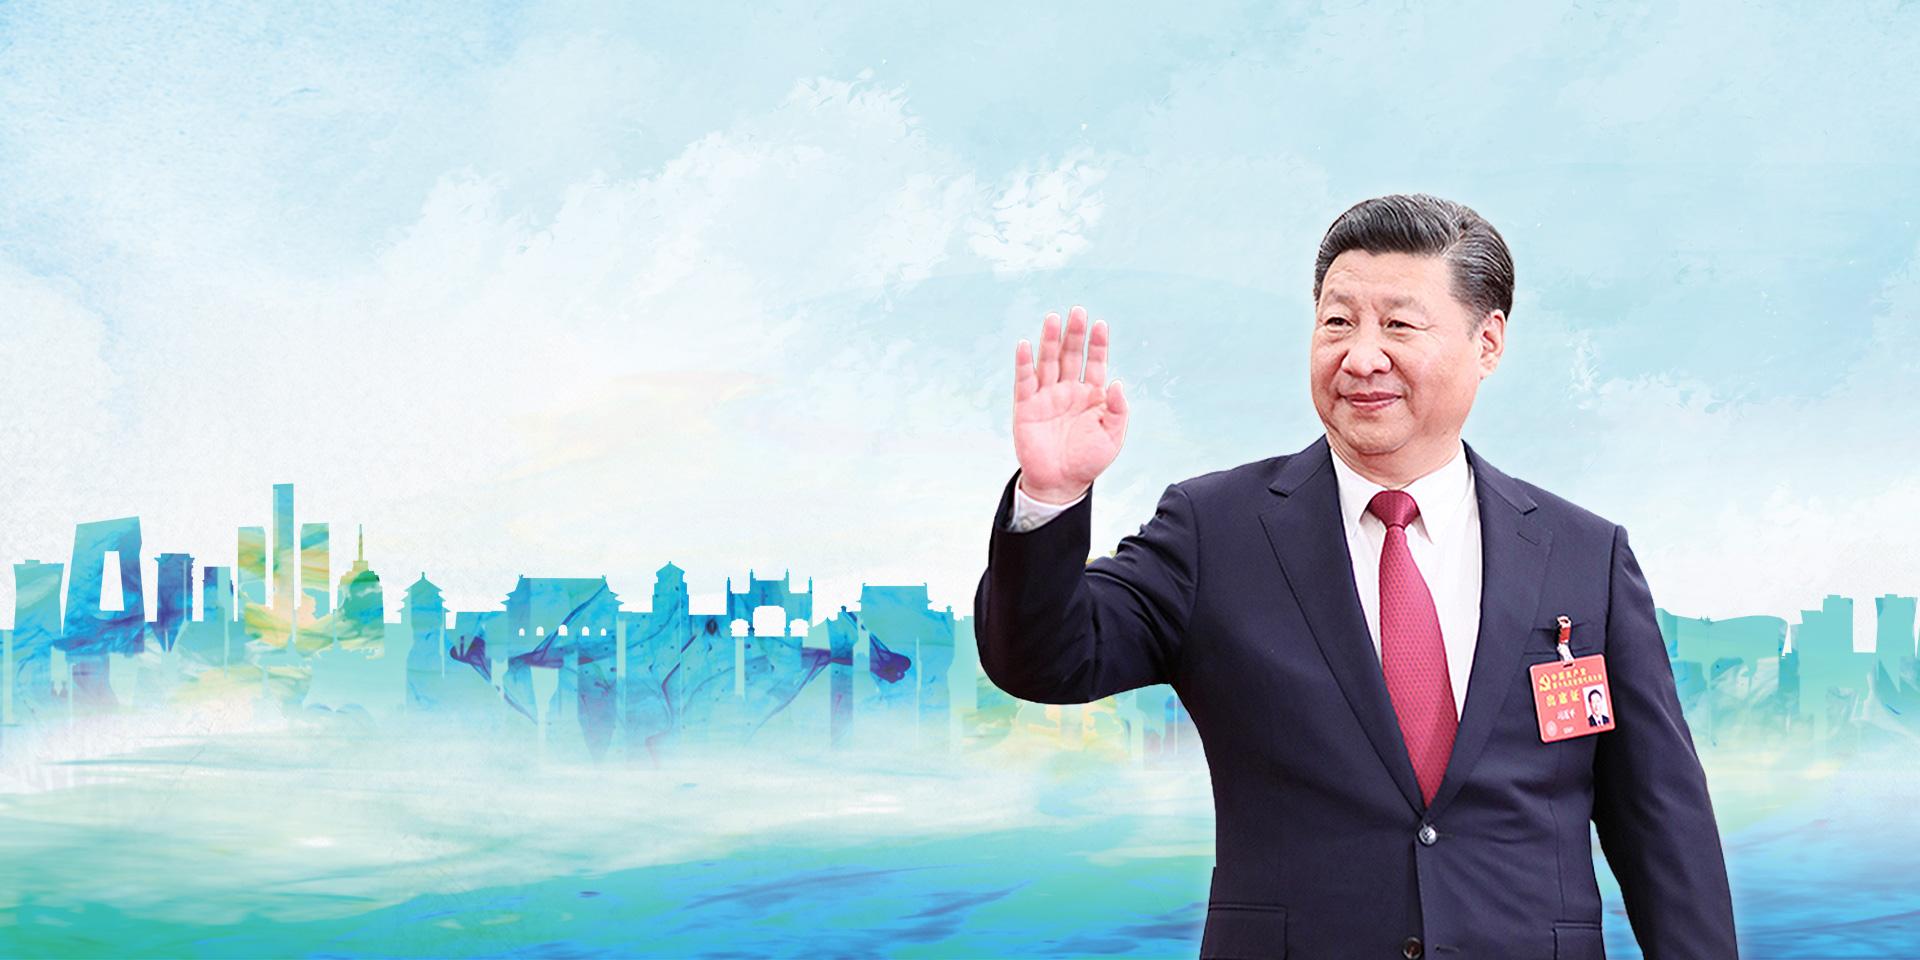 要做好周边外交工作,推动周边环境更加友好、更加有利。